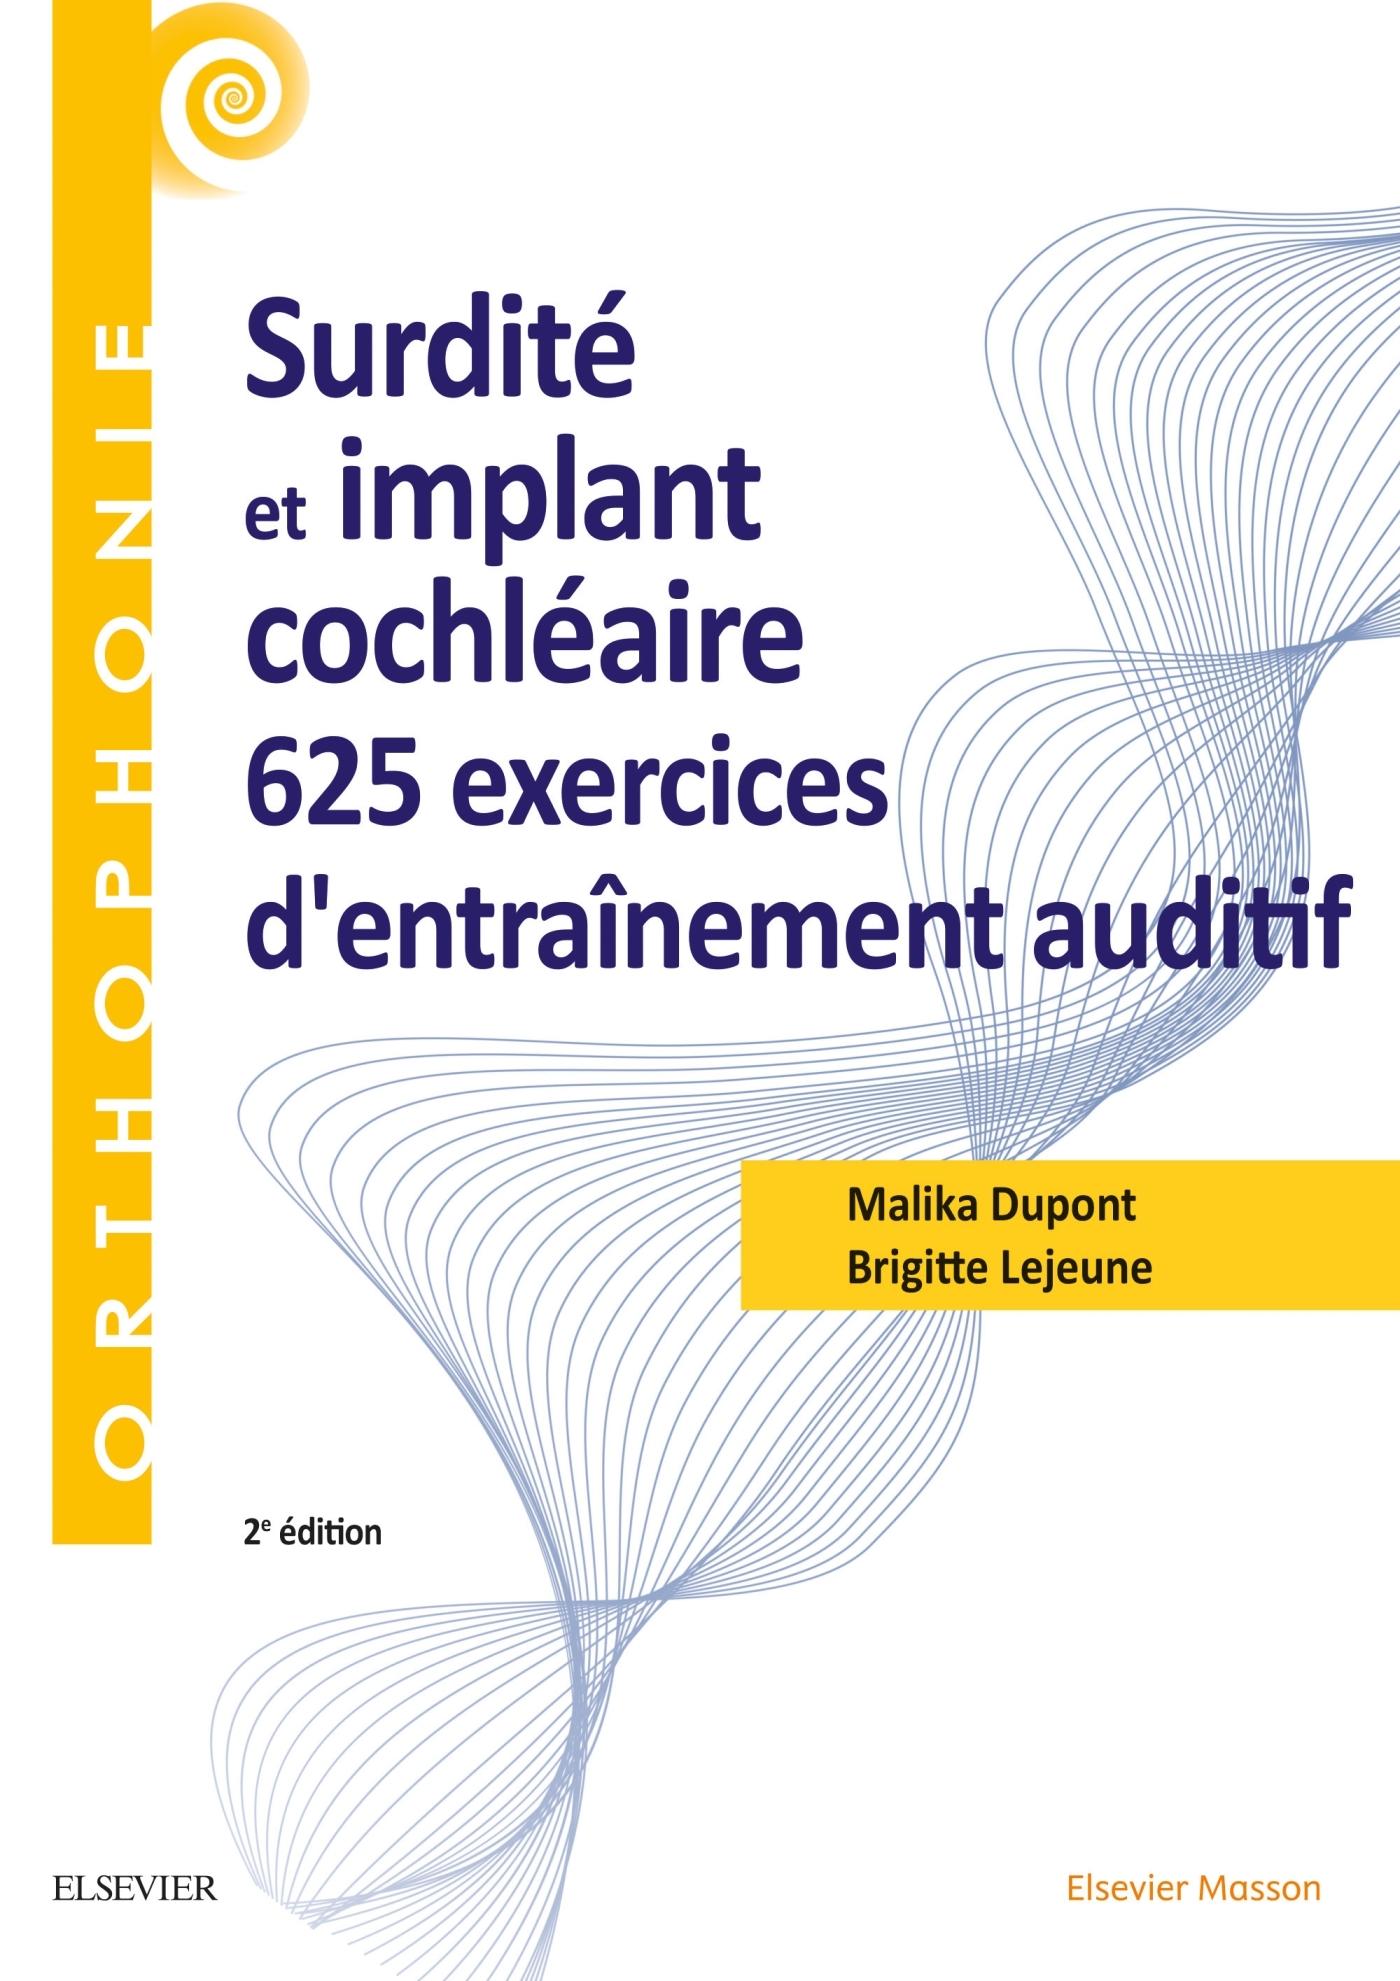 SURDITE ET IMPLANT COCHLEAIRE : 625 EXERCICES D'ENTRAINEMENT AUDITIF - 625 EX D'ENTRAINEMENT AUDITIF